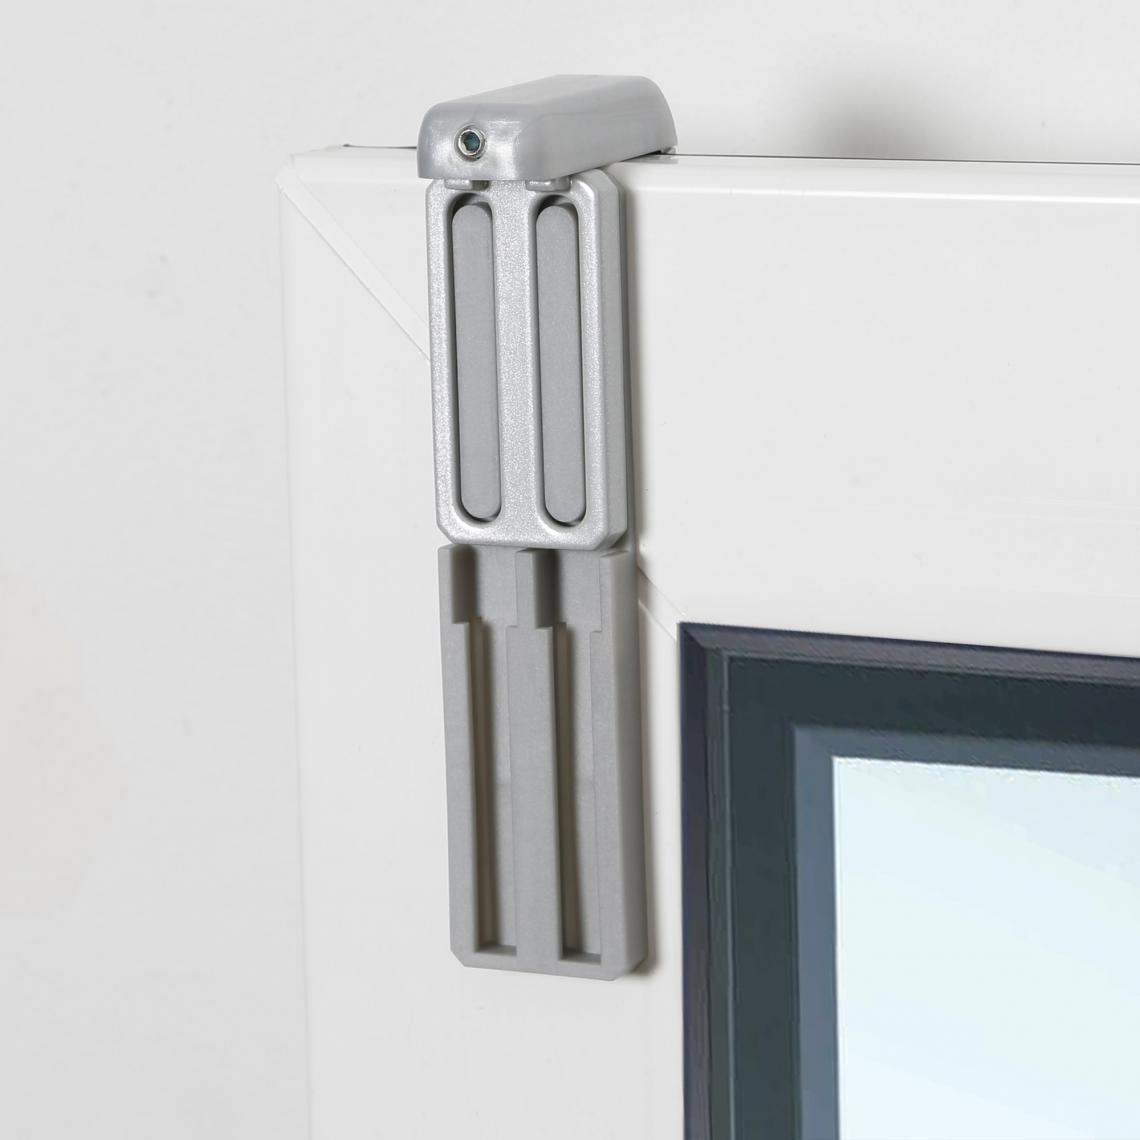 lot de 2 fixations Aluminium � serrer pour store sp�cial a�ration Madeco - Gris - 3Suisses 3Suisses